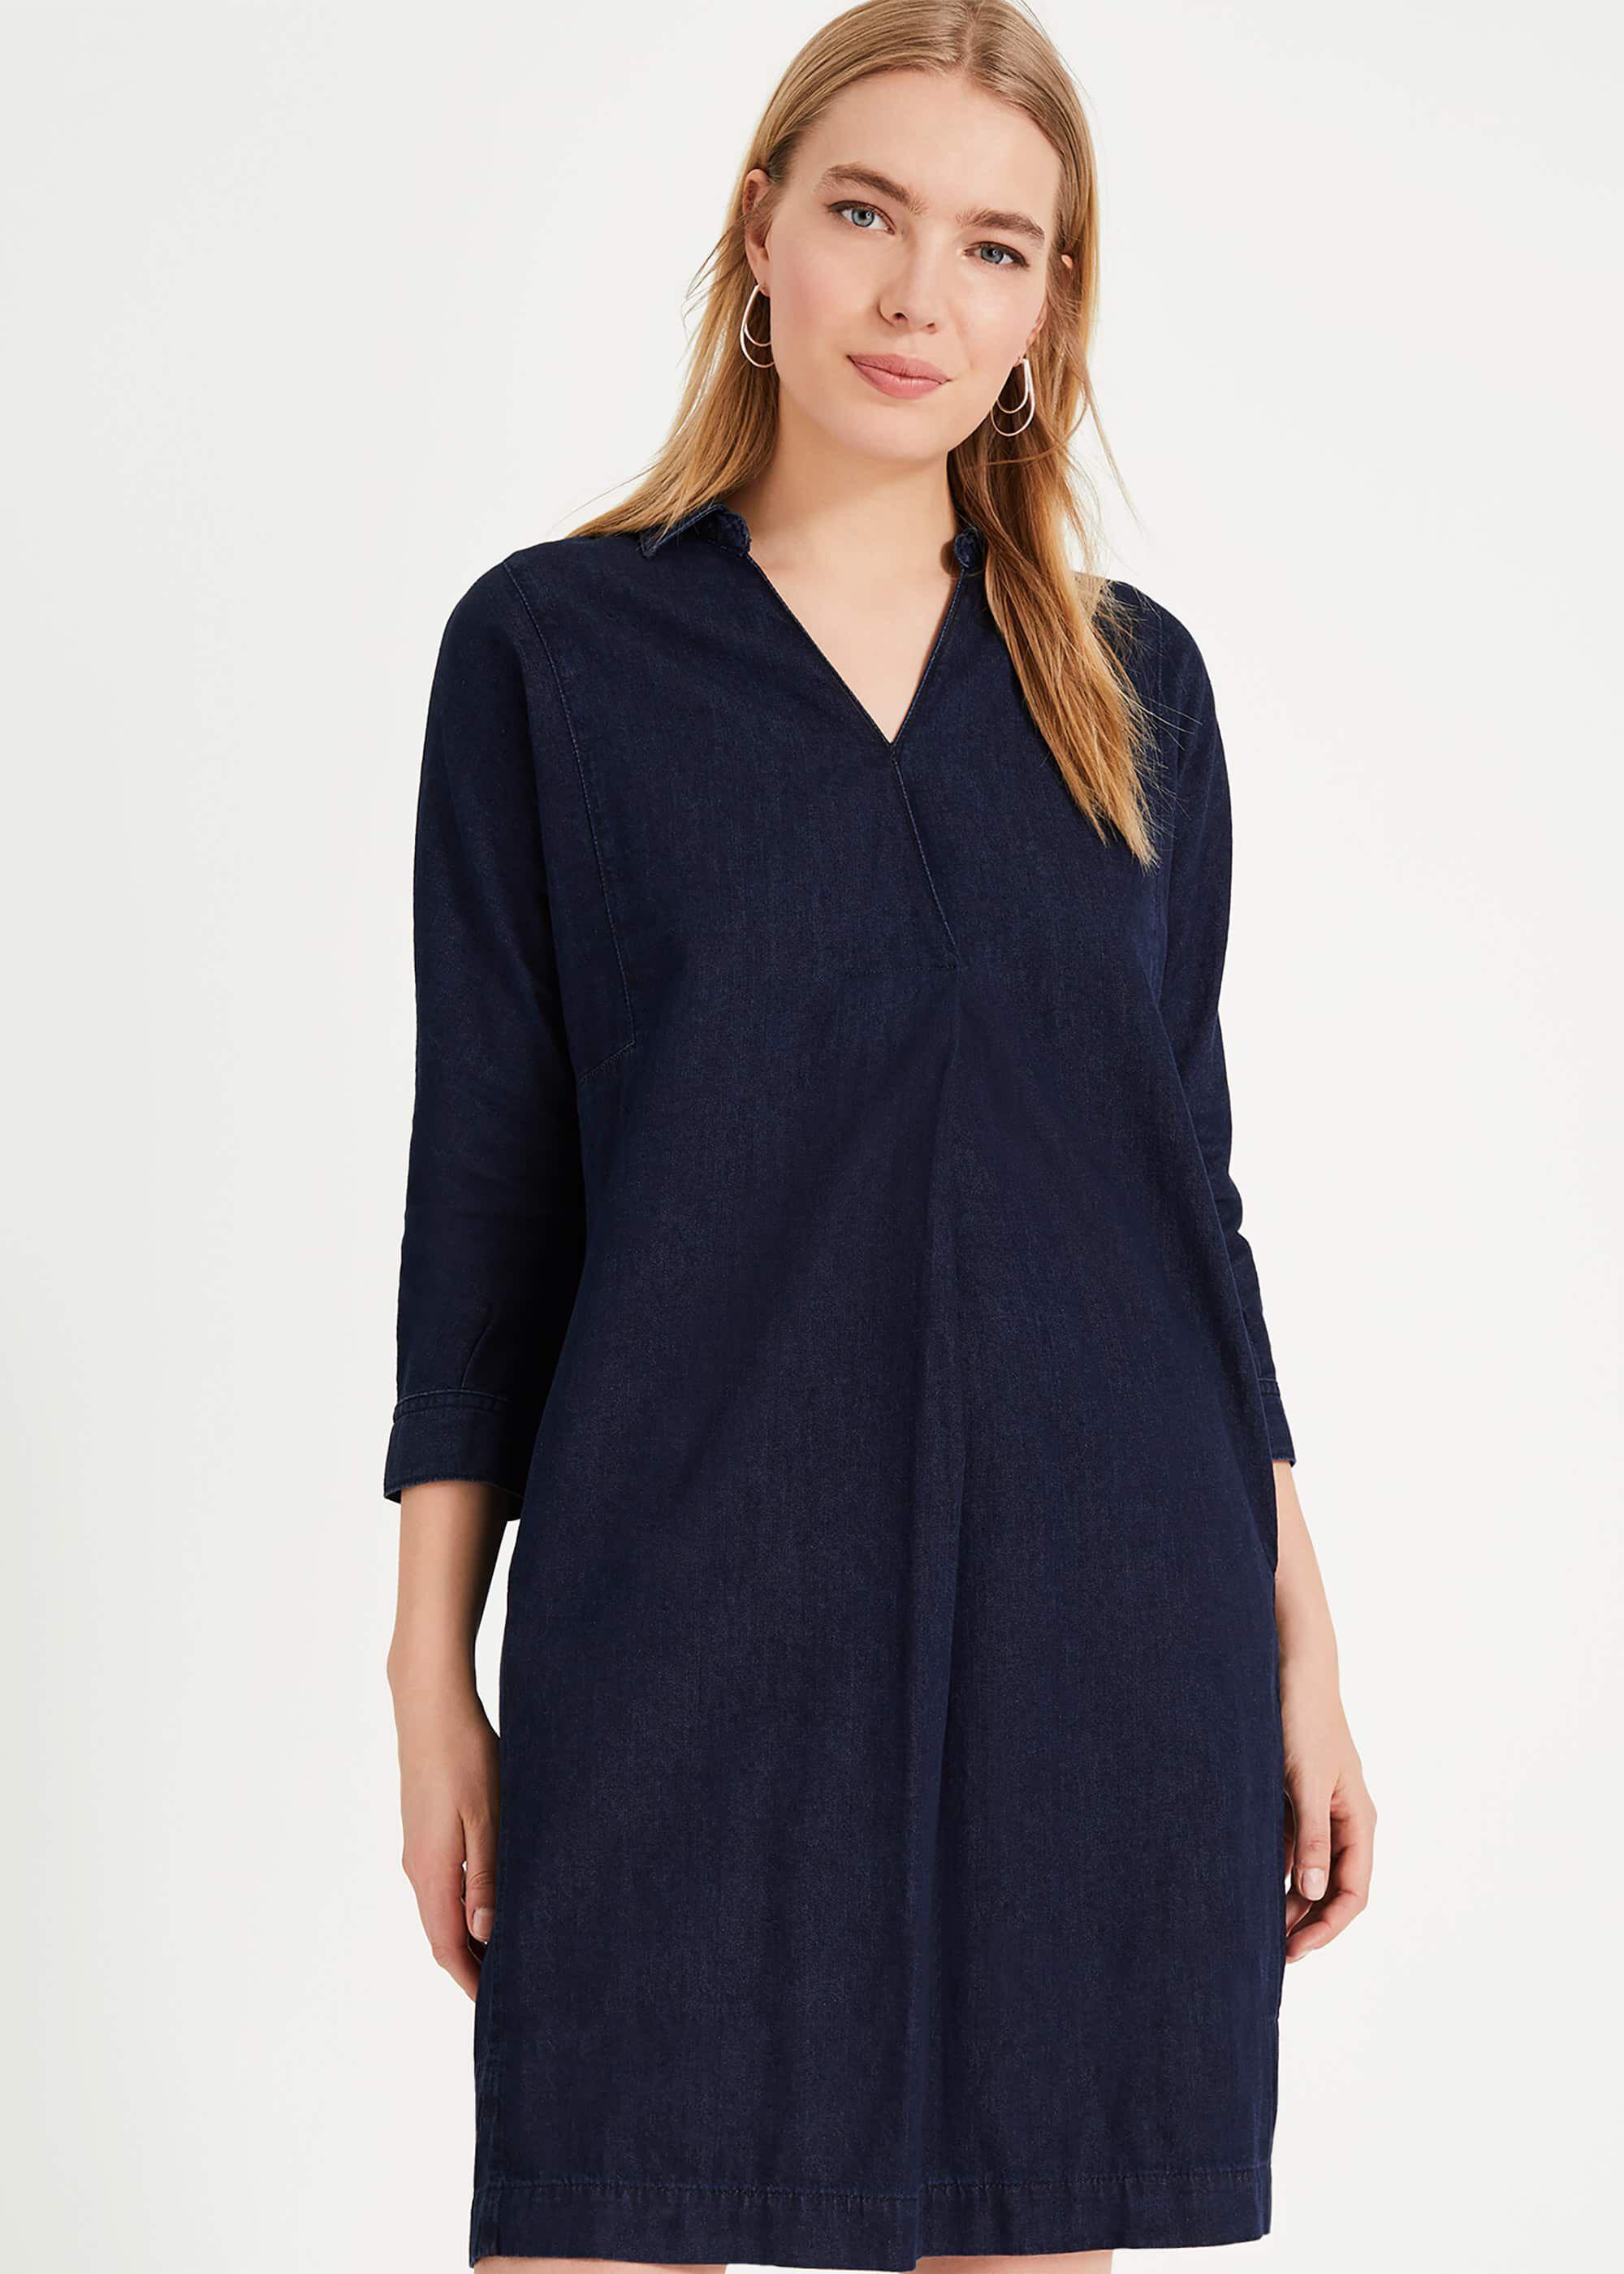 Kathy Denim Shirt Dress